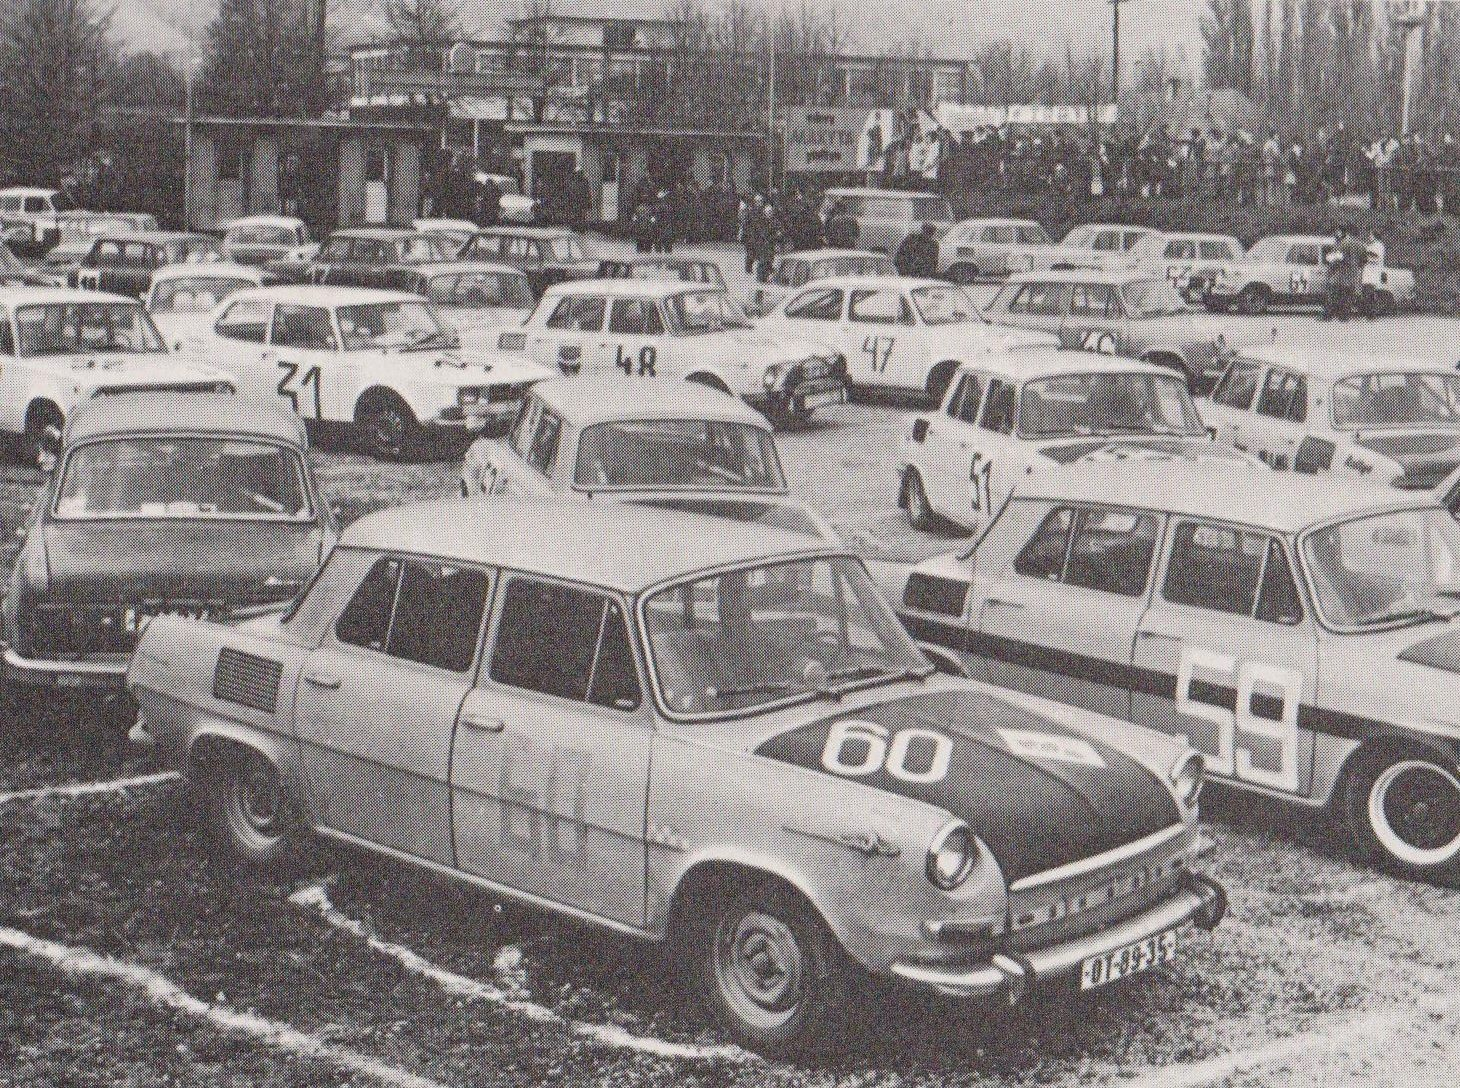 Takto parkovali súťažné vozidlá Rallye G1M v Púchove v roku 1971. Fotograf ich zachytil za bránami športového areálu vedľa futbalového ihriska